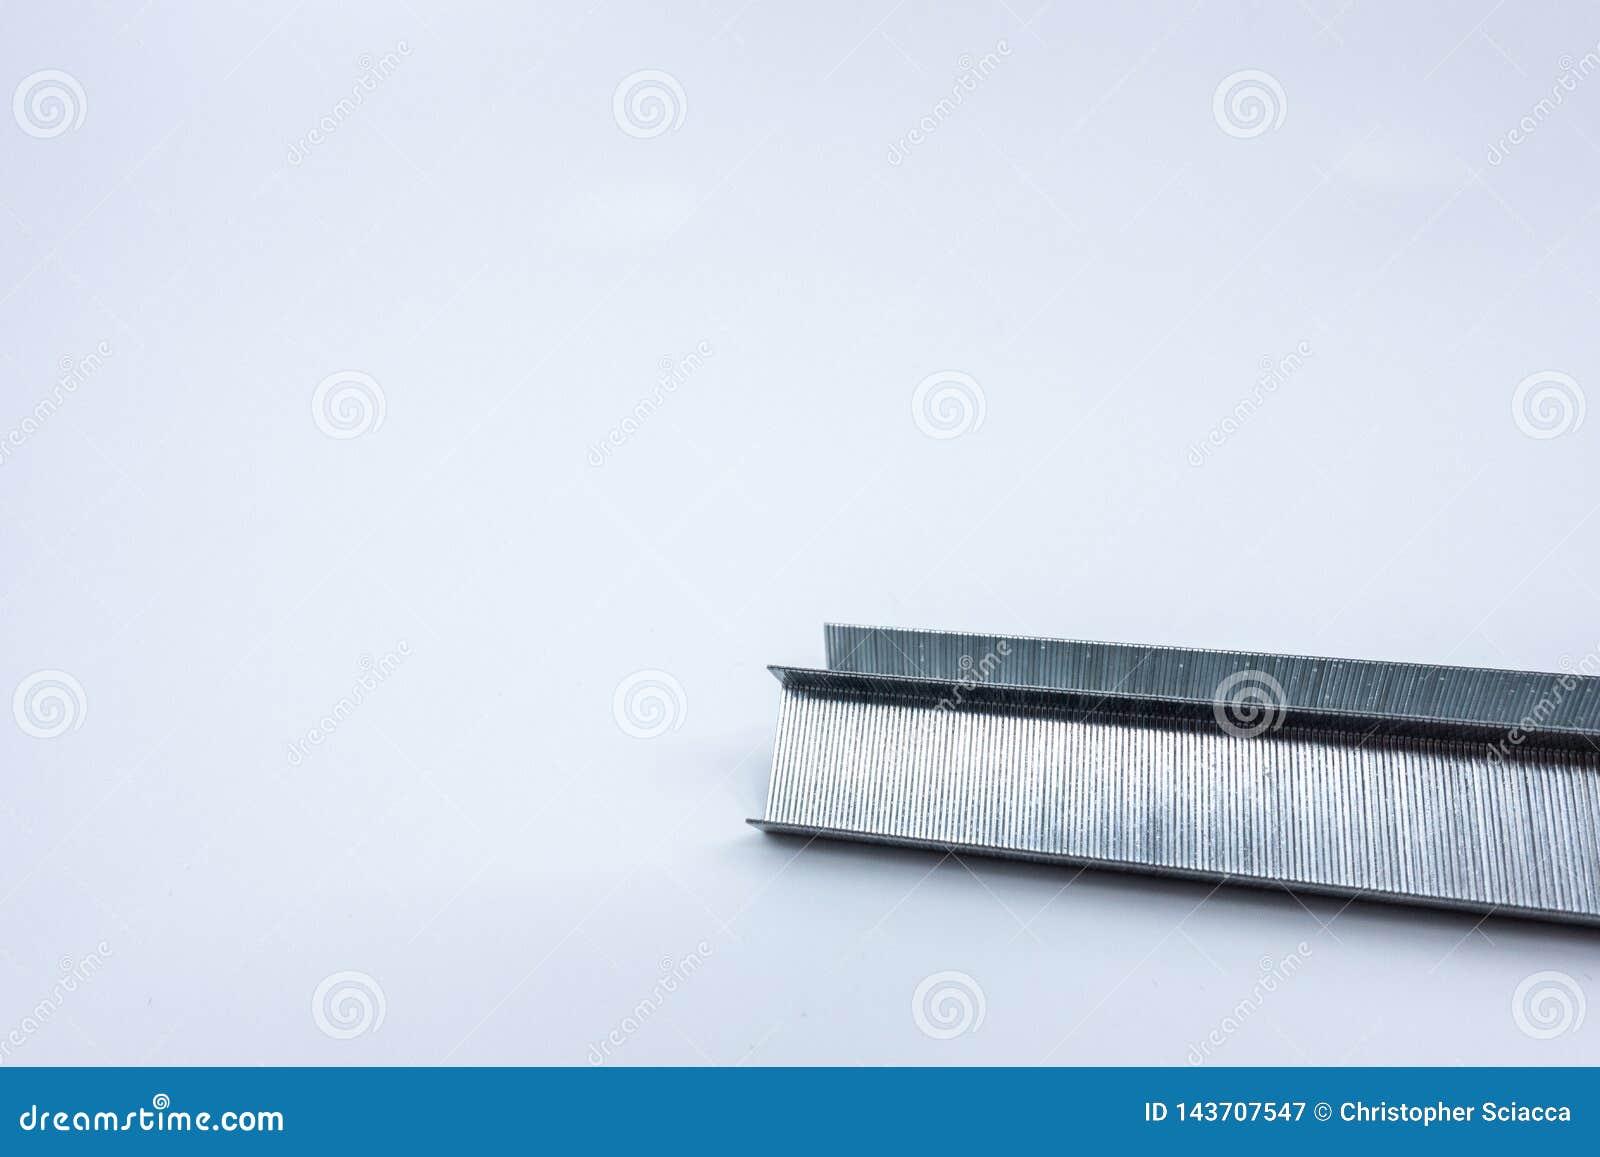 Tira de grapas aisladas contra un fondo blanco Materiales de oficina - imagen